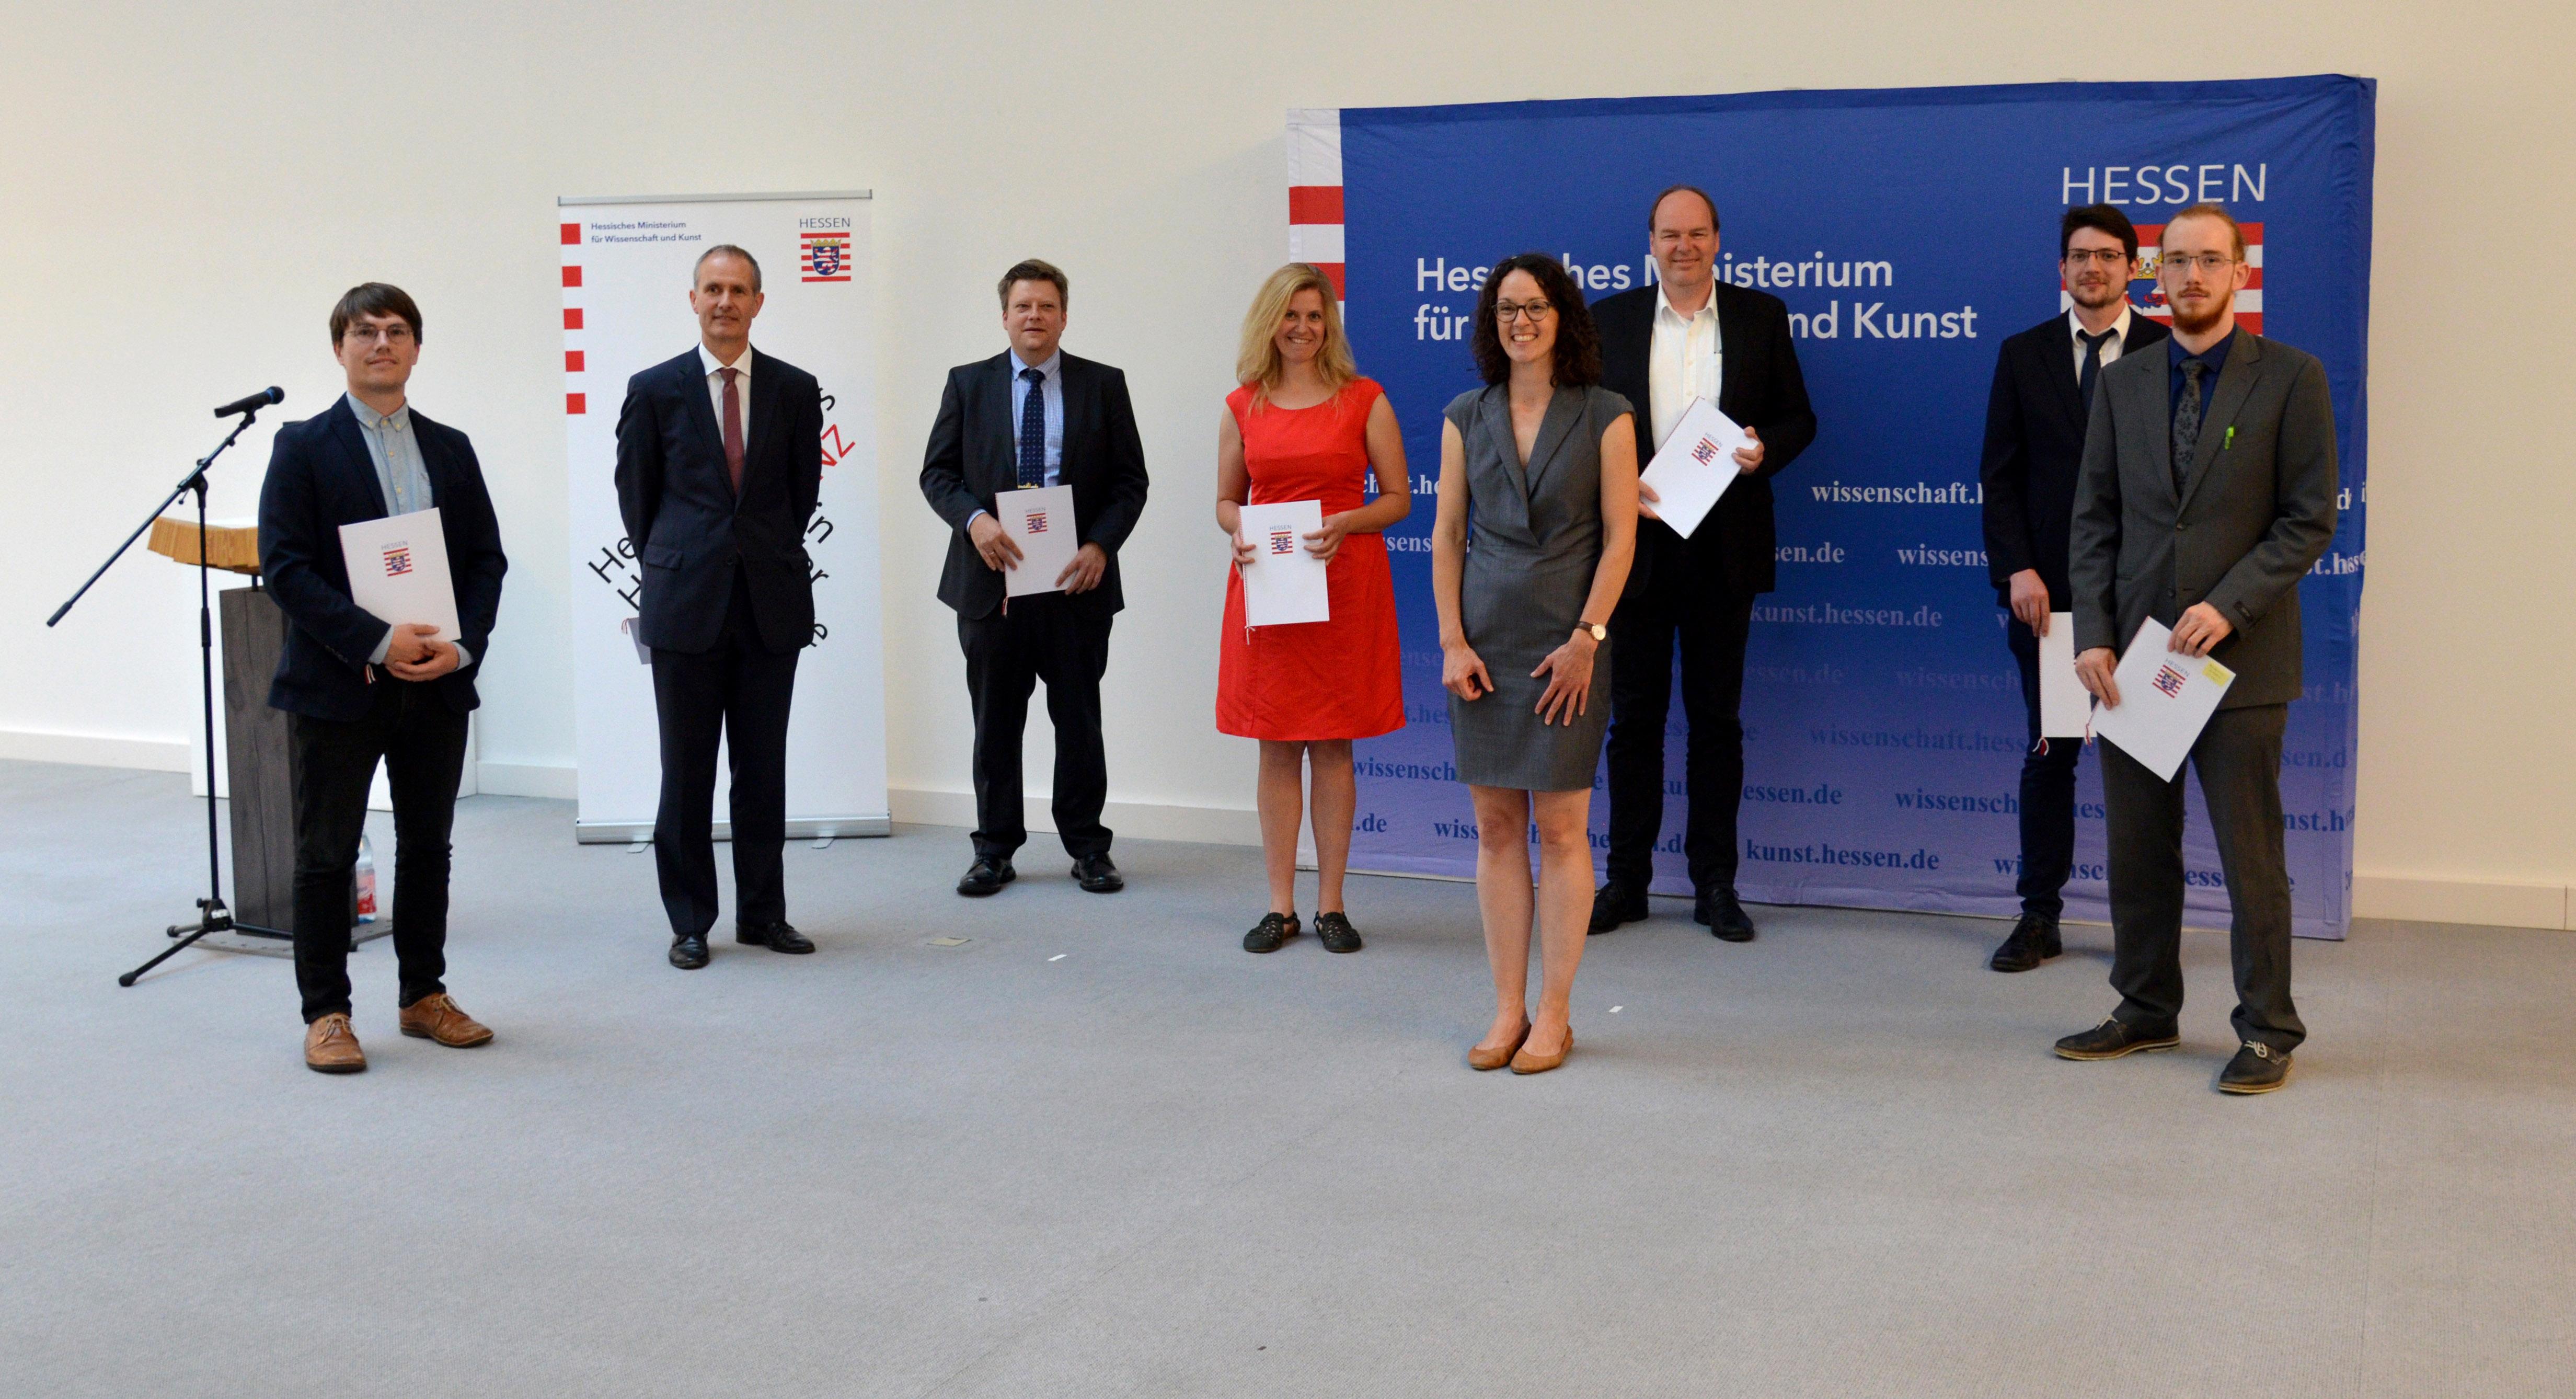 Gruppenfoto Lehrpreis Hessen 2020